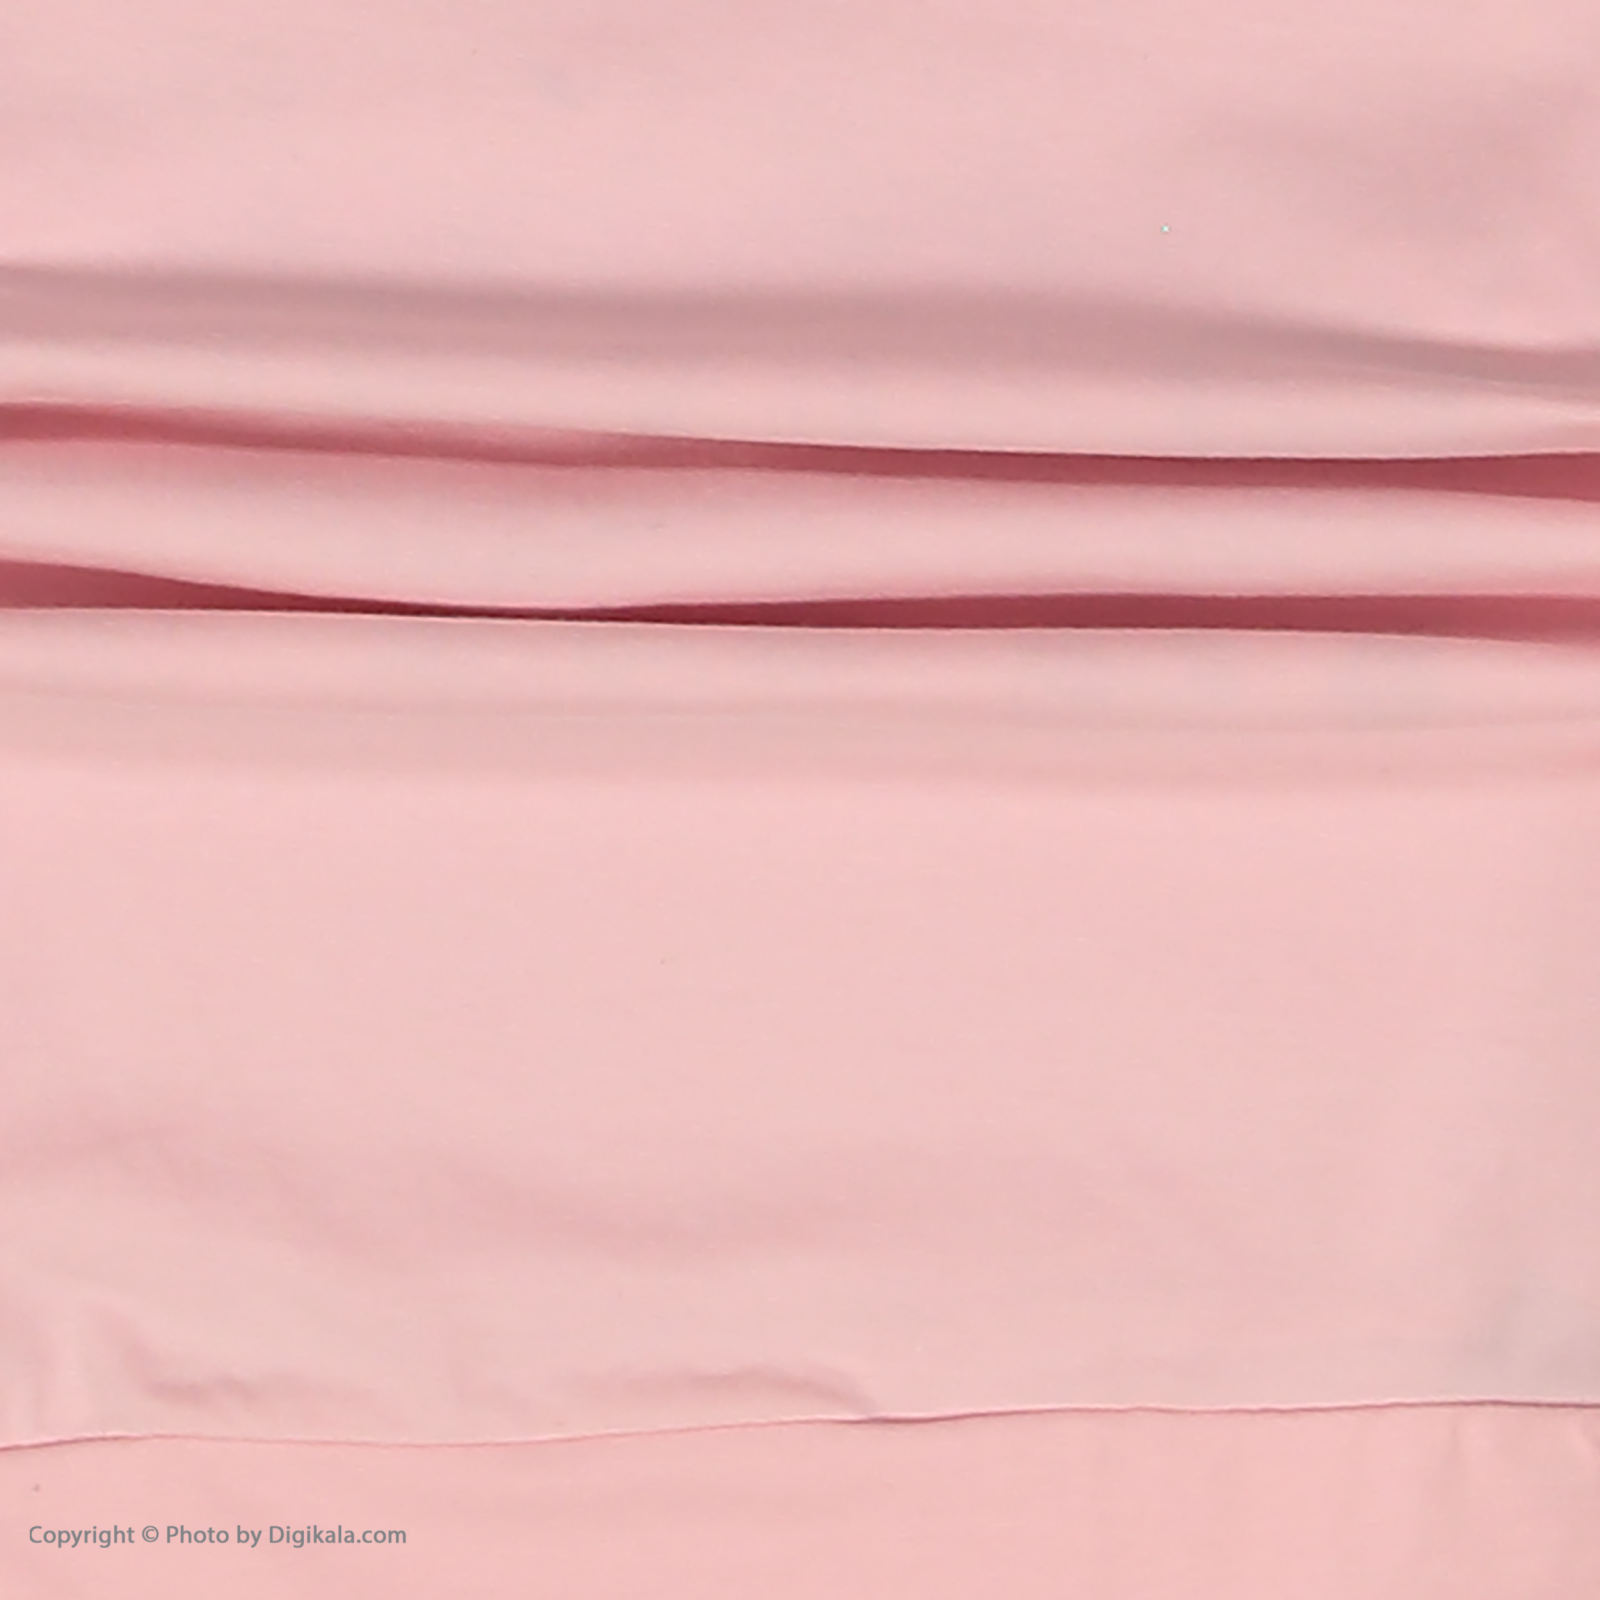 تی شرت دخترانه سون پون مدل 1391356-84 -  - 5